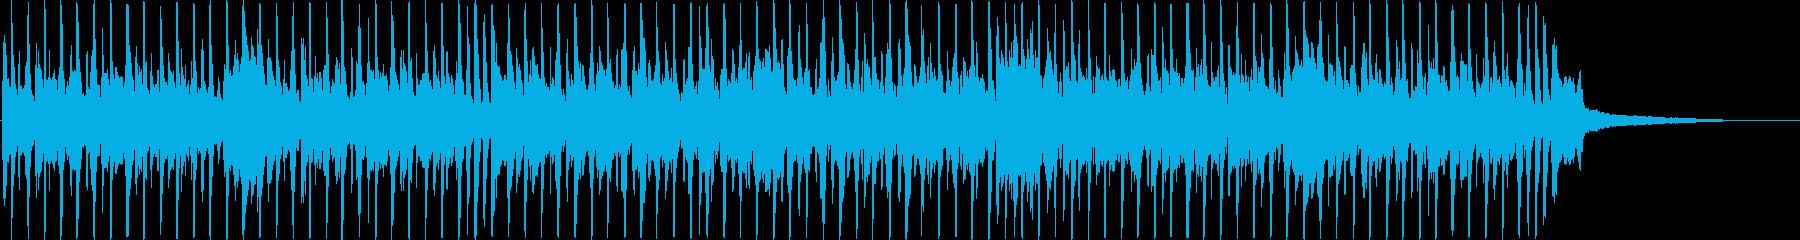 【リズム抜き・短尺】明るい口笛BGMの再生済みの波形